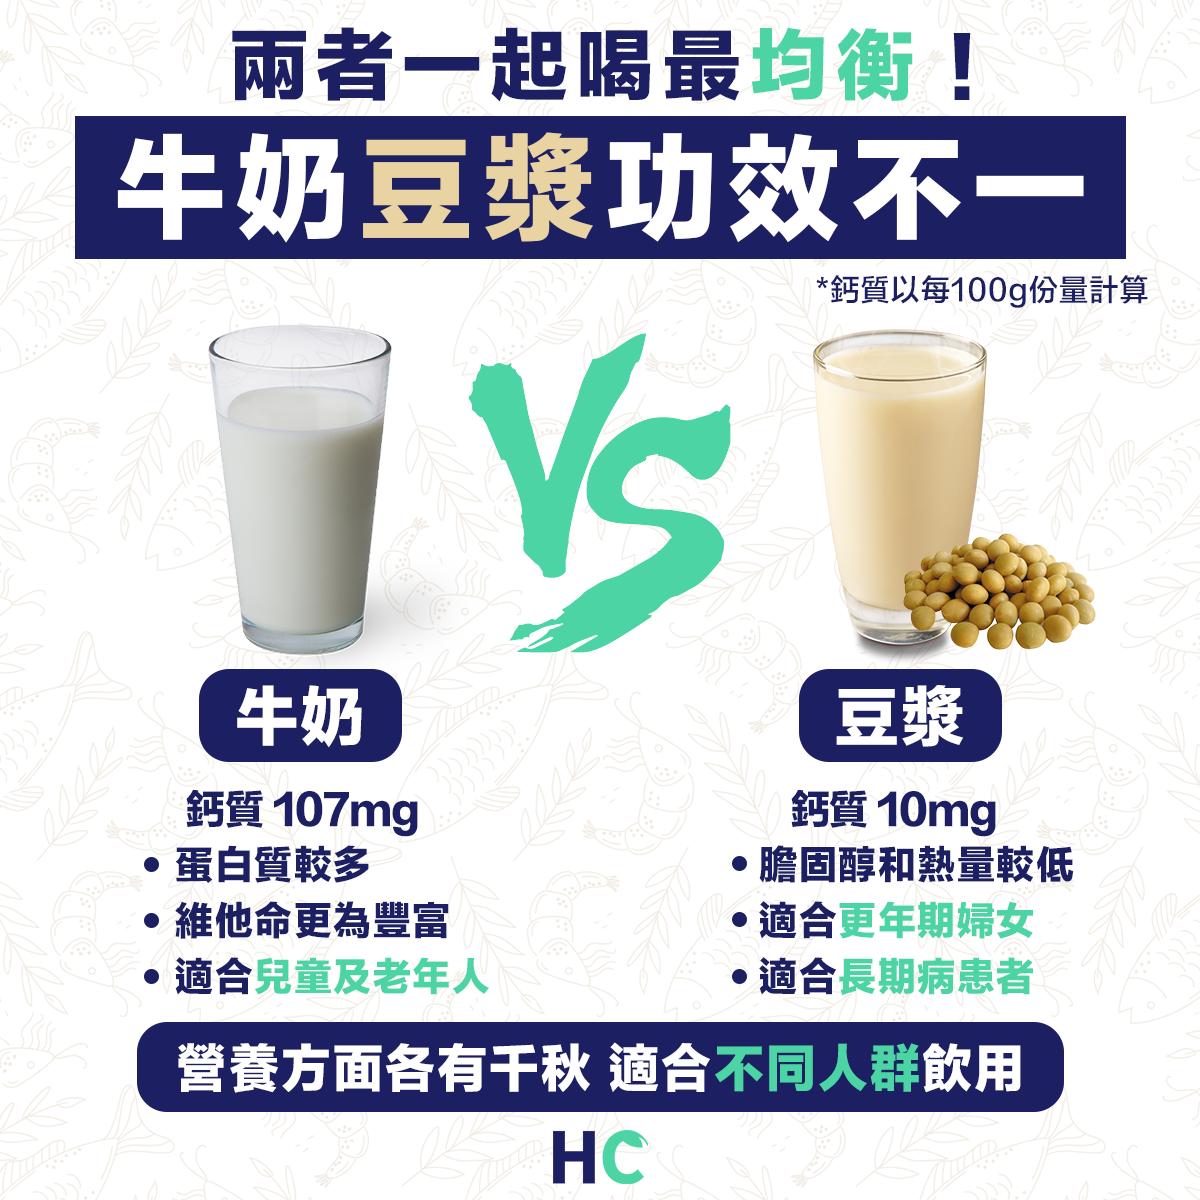 牛奶 VS 豆漿 兩者功效不一